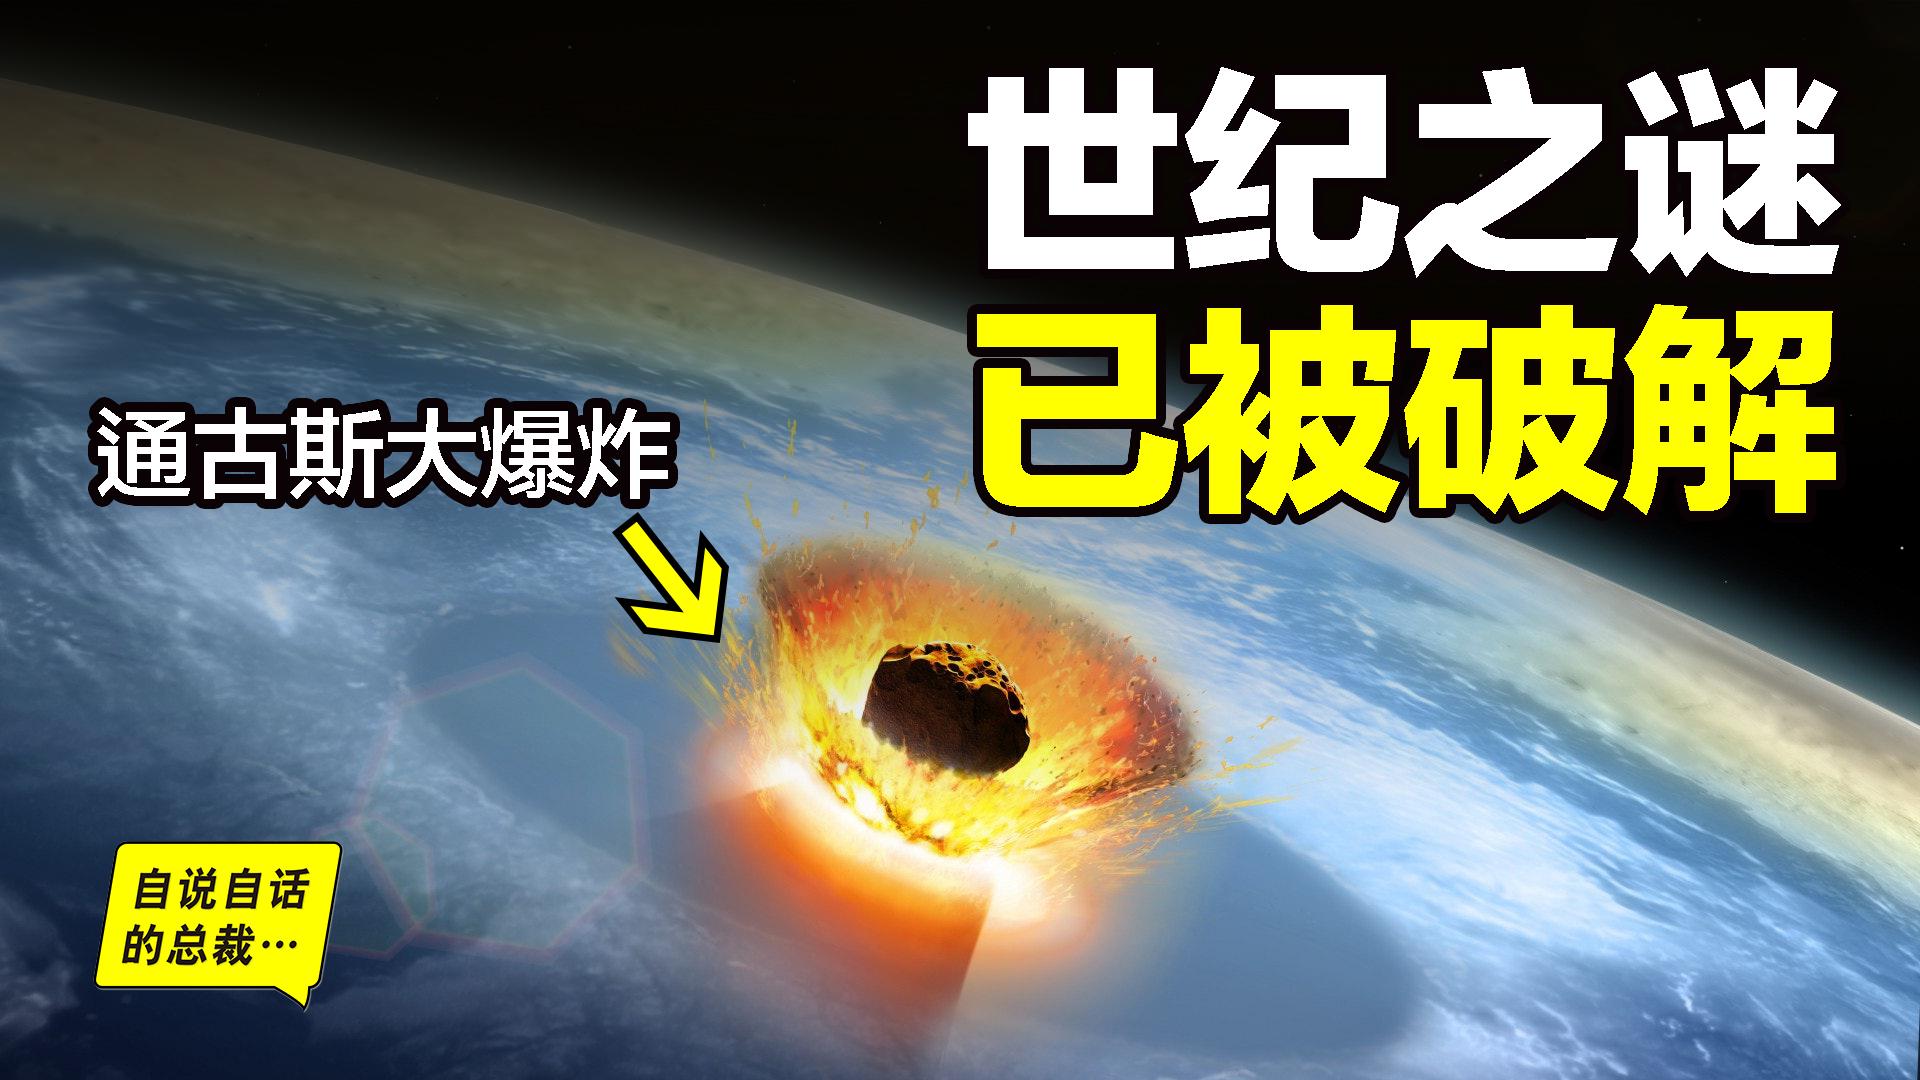 通古斯大爆炸被解开?2020《皇家天文学会》最新研究